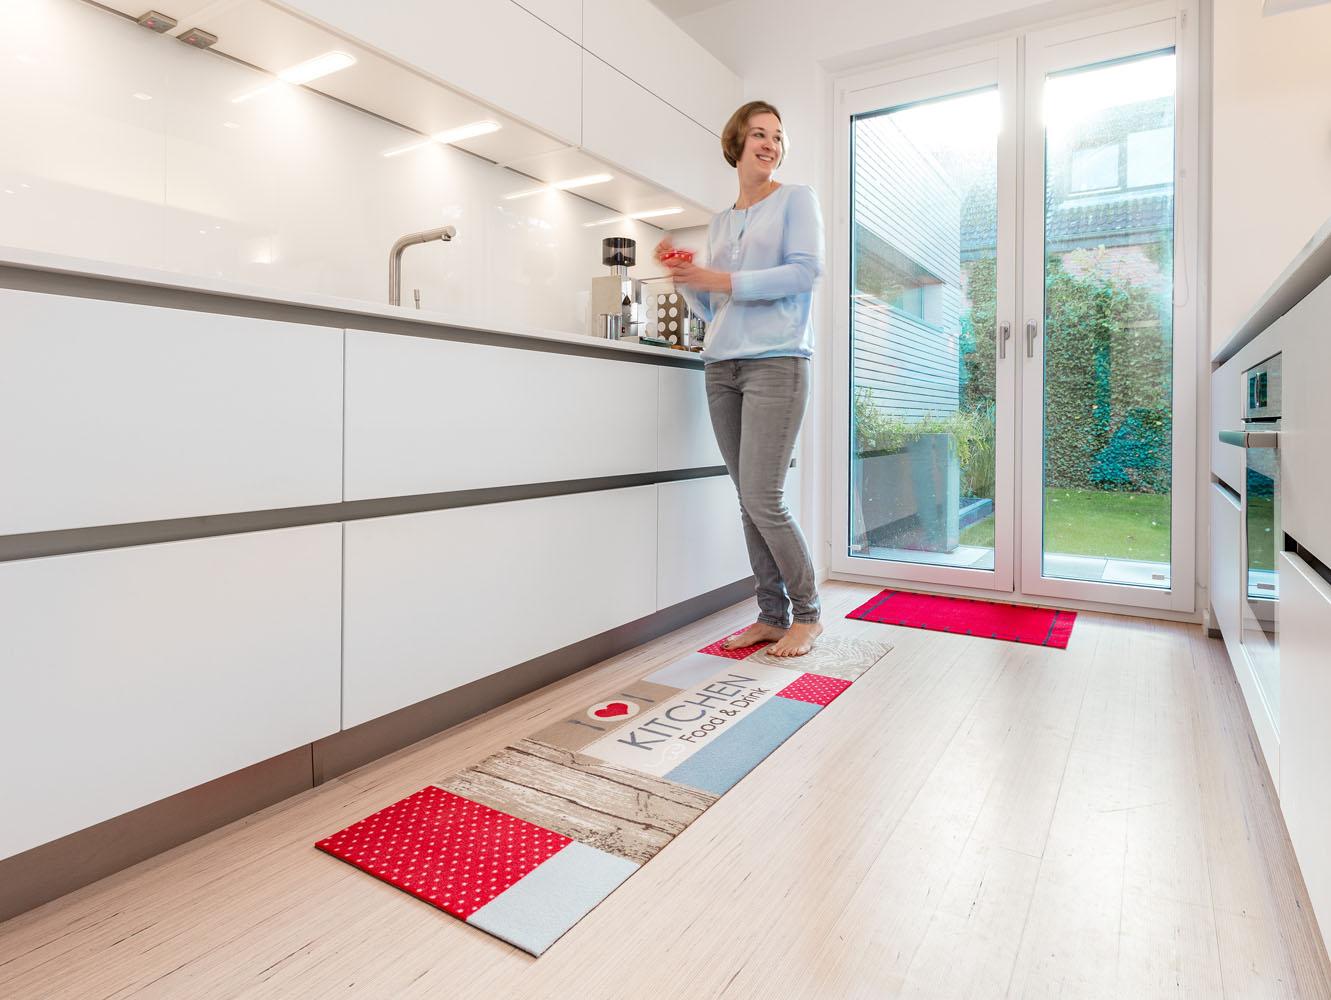 Full Size of Schmutzfang Teppich Küche Teppich Küche Läufer Teppich Küche Pflegeleicht Teppich Küche Landhaus Küche Teppich Küche